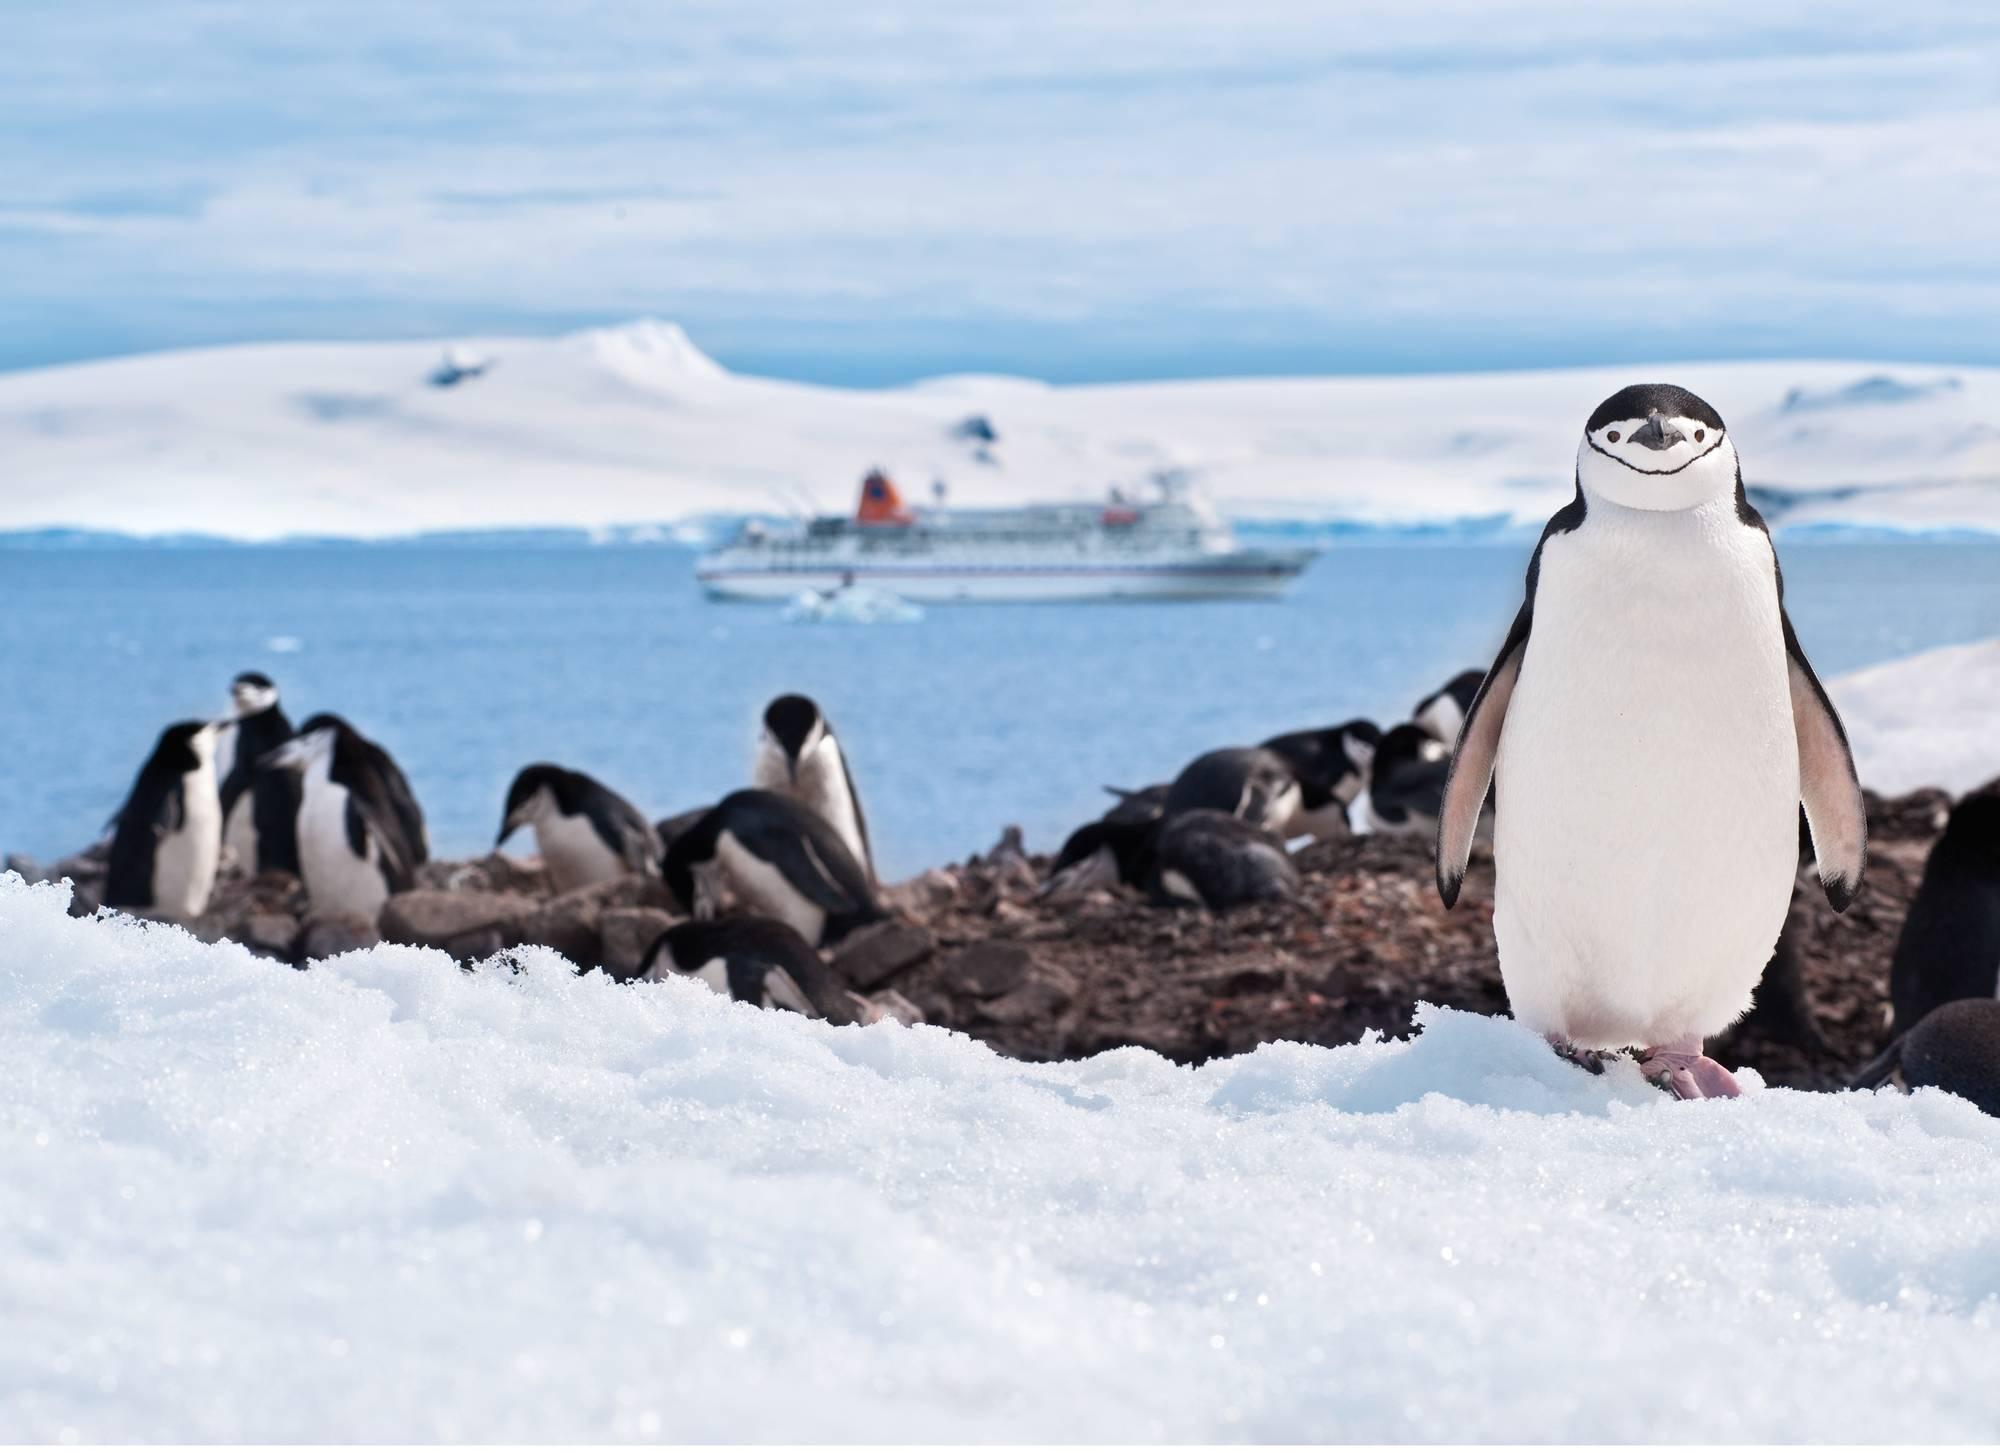 HL_OCV2_jaek_4245_antarktis2011